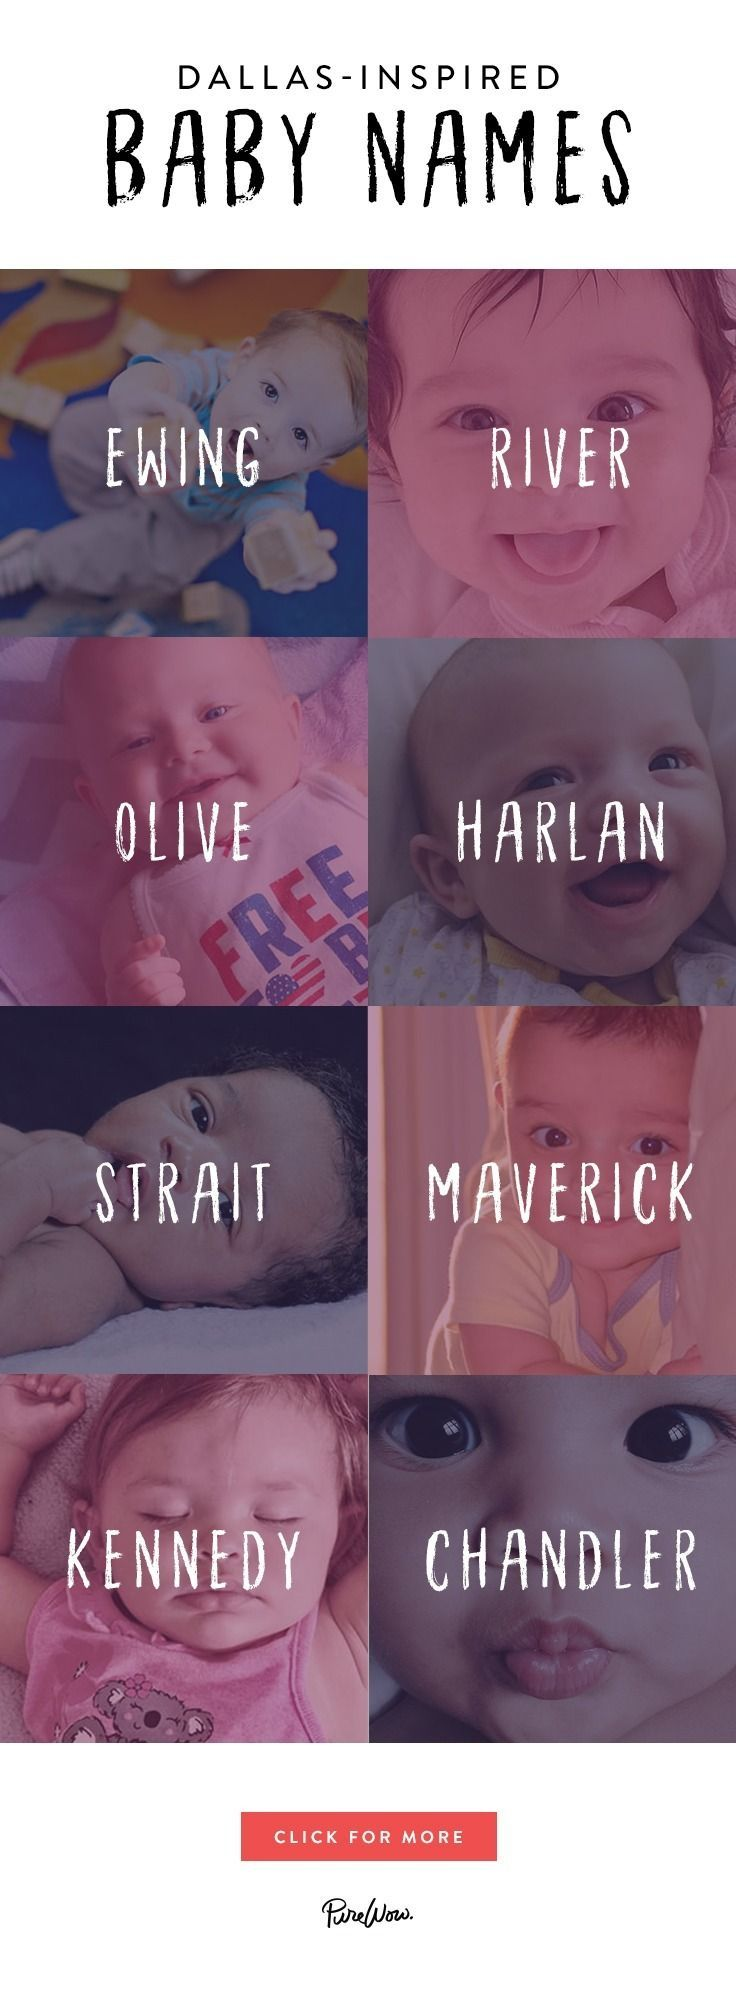 18 noms de bébé inspirés par Dallas qui sont trop mignons pour les mots